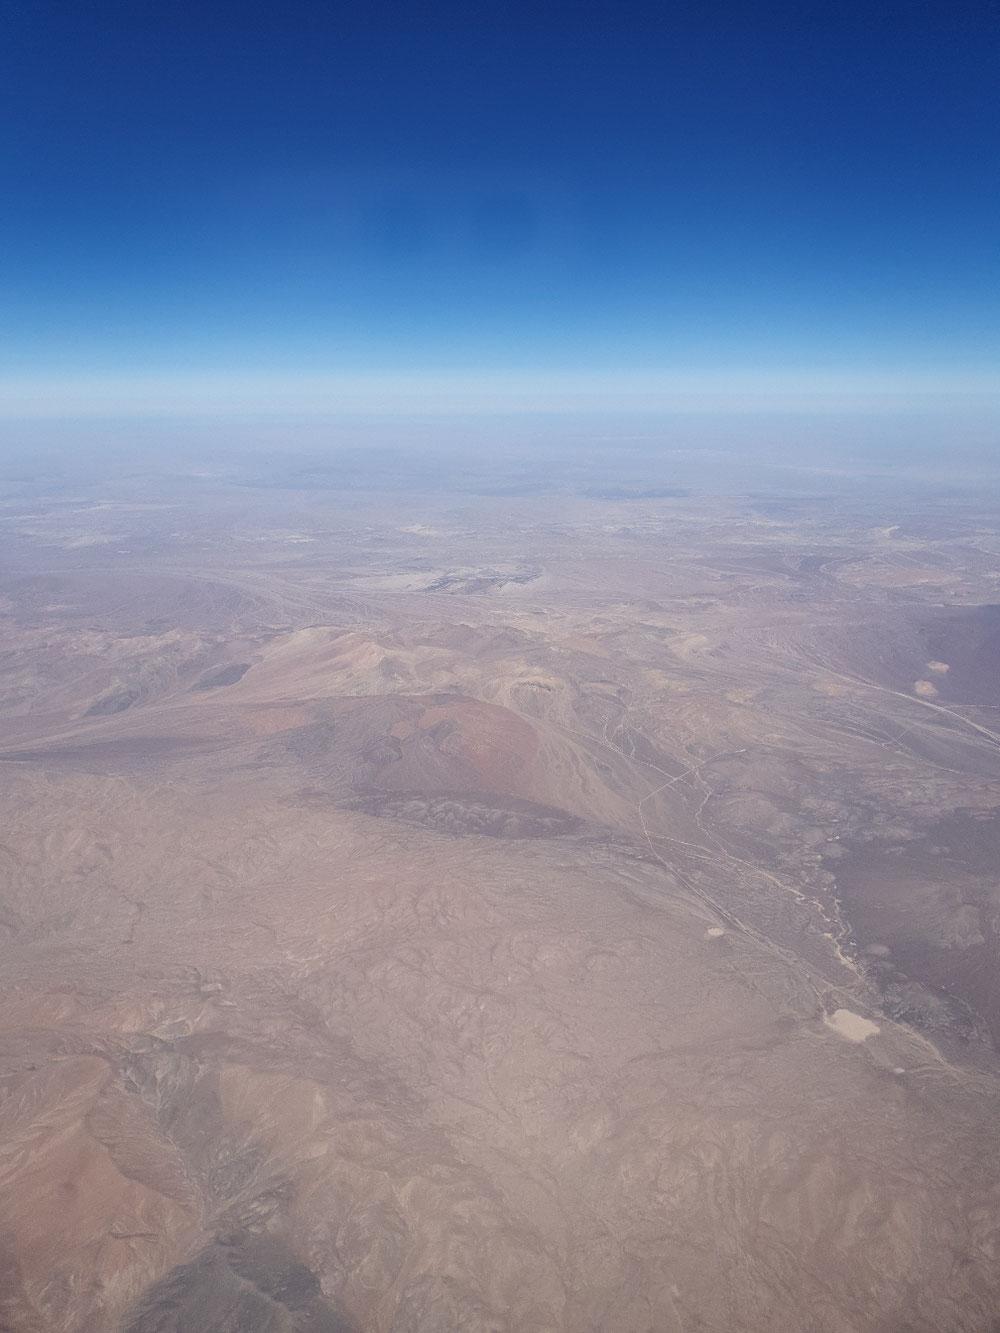 und zum Abschluß noch mal von oben Atacama in seiner ganzen Pracht